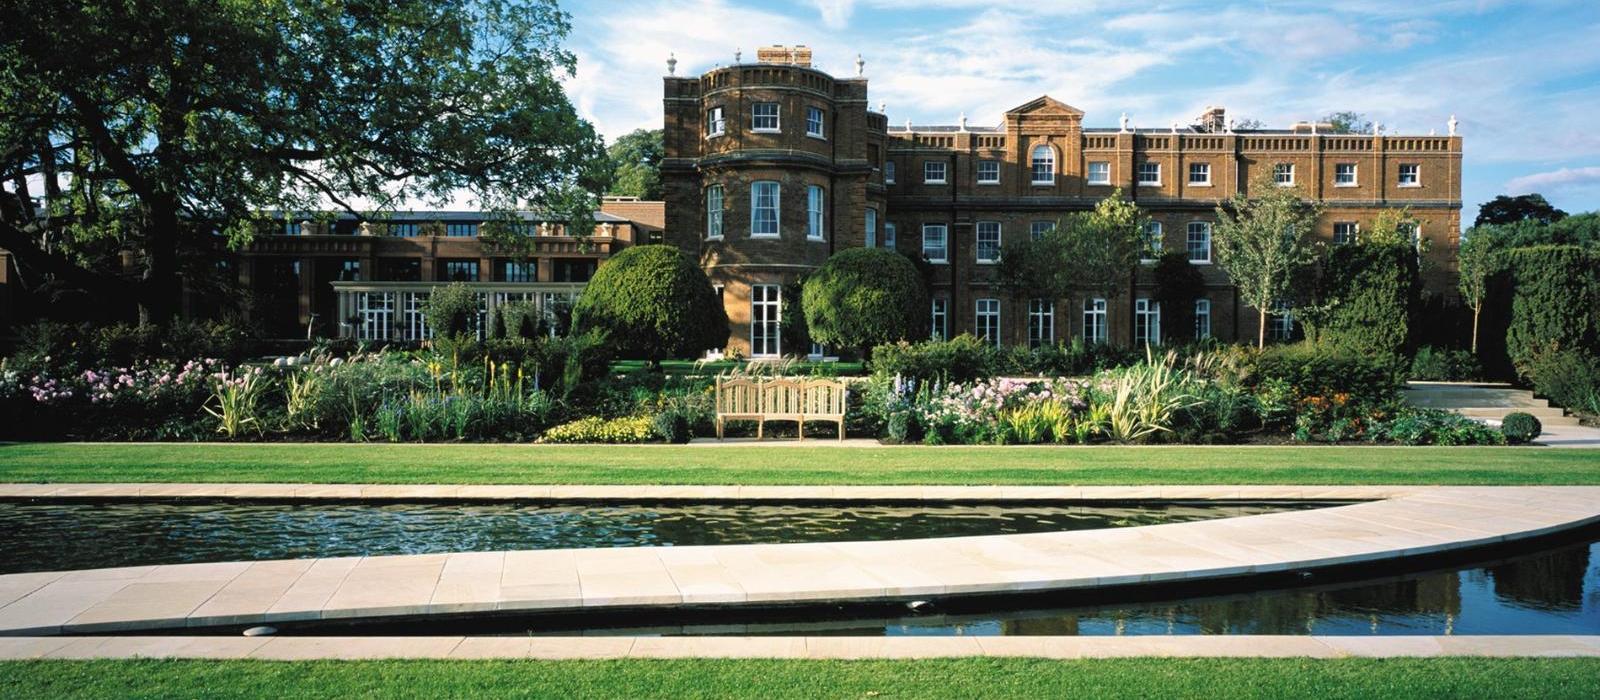 格鲁夫度假酒店(The Grove) 图片  www.lhw.cn